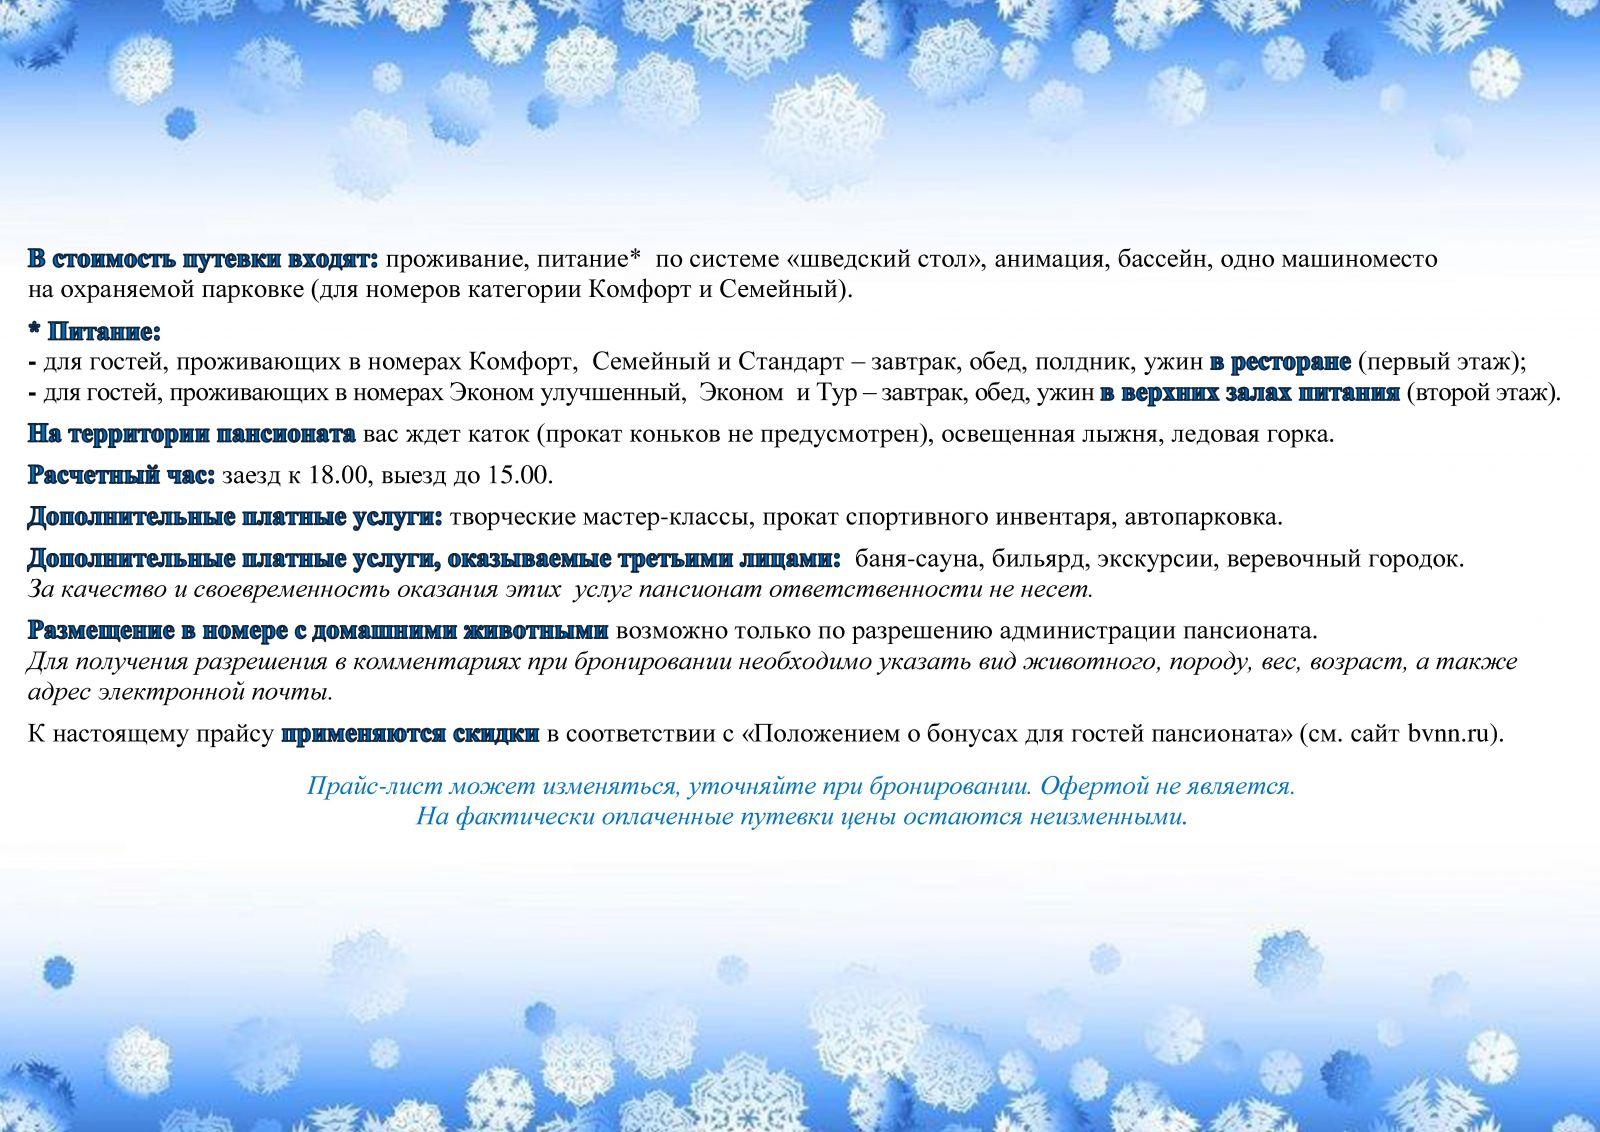 Включено зимние каникулы 2019 буревестник